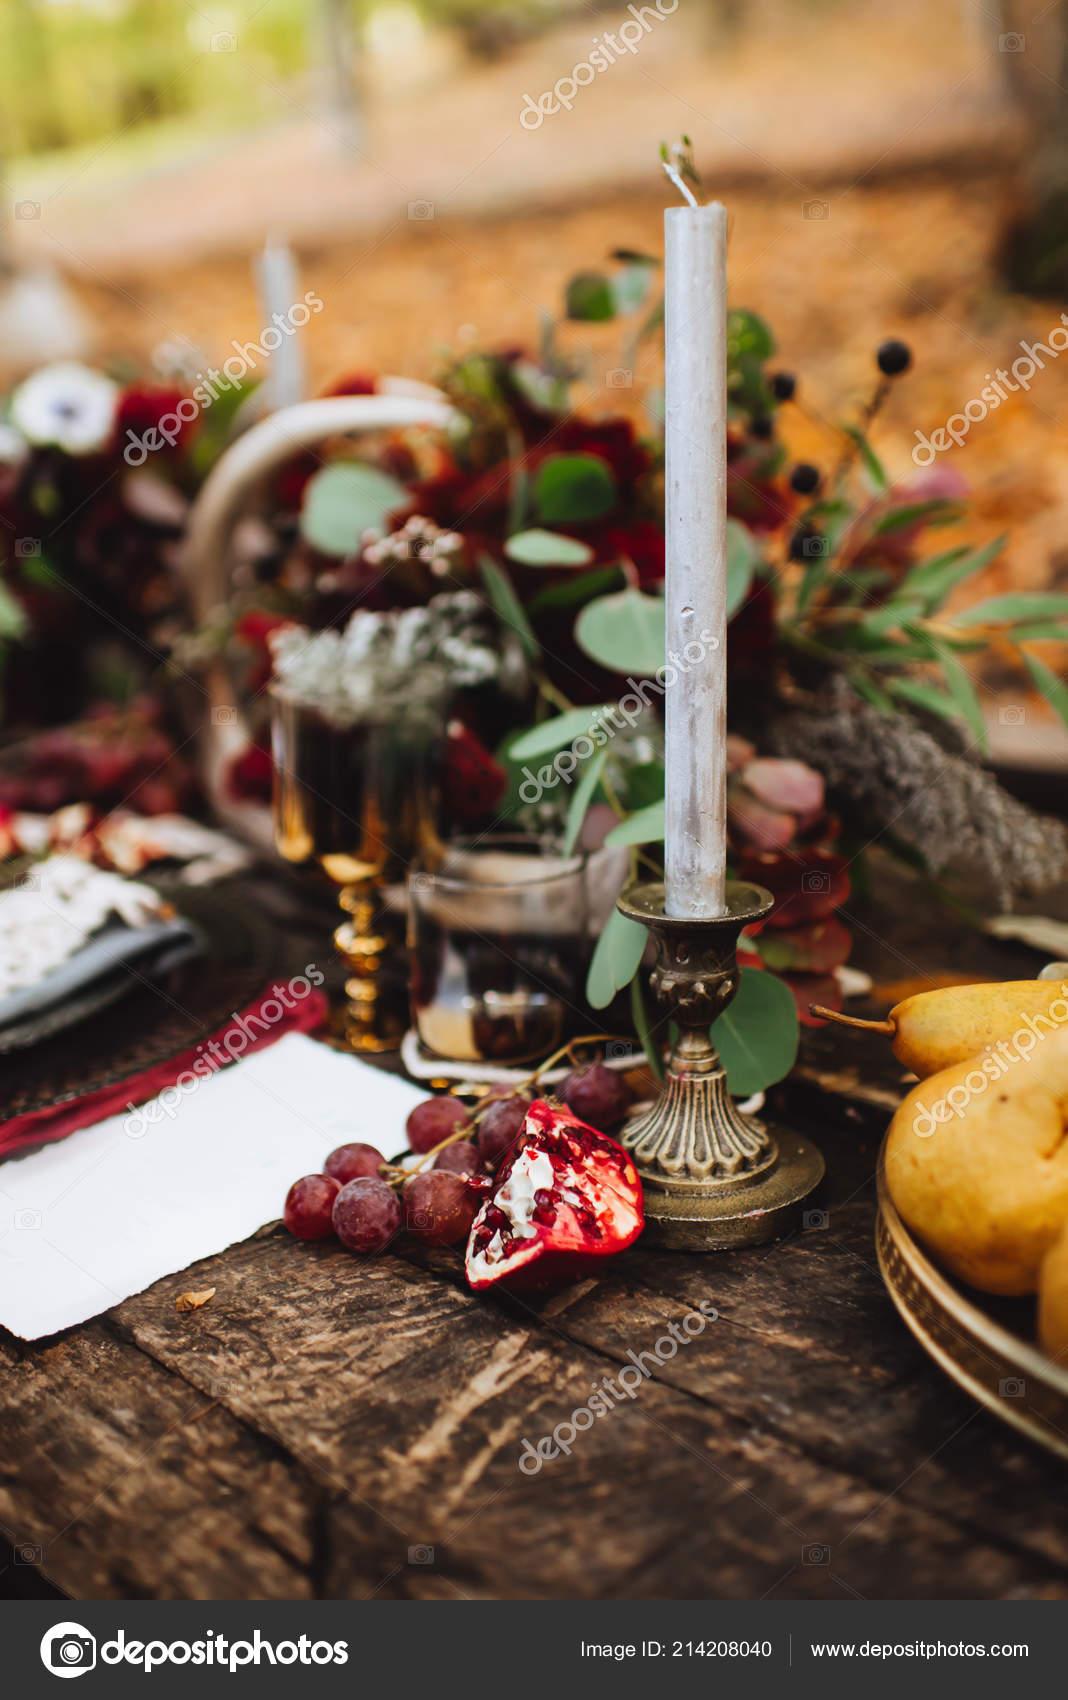 Localizaç u00e3o Outono Outono Decoraç u00e3o Cadeiras Balanço Conceito Familylove Festa Casamento u2014 Stock  # Decoração Festa Folhas De Outono